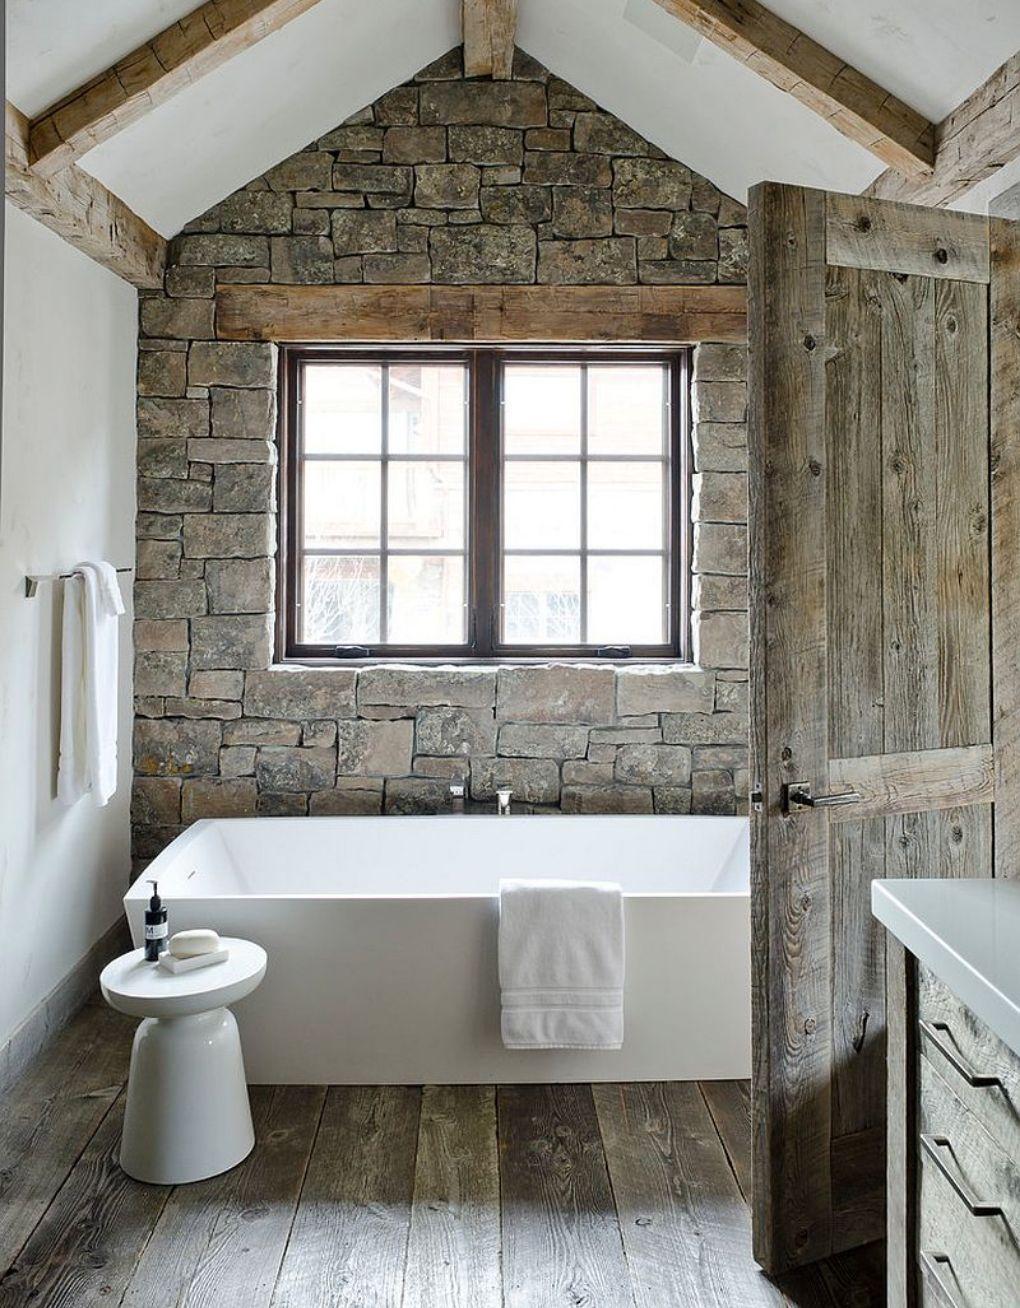 Pin von Jessie Miller auf Bathrooms | Pinterest | Wohnideen, Rund ...